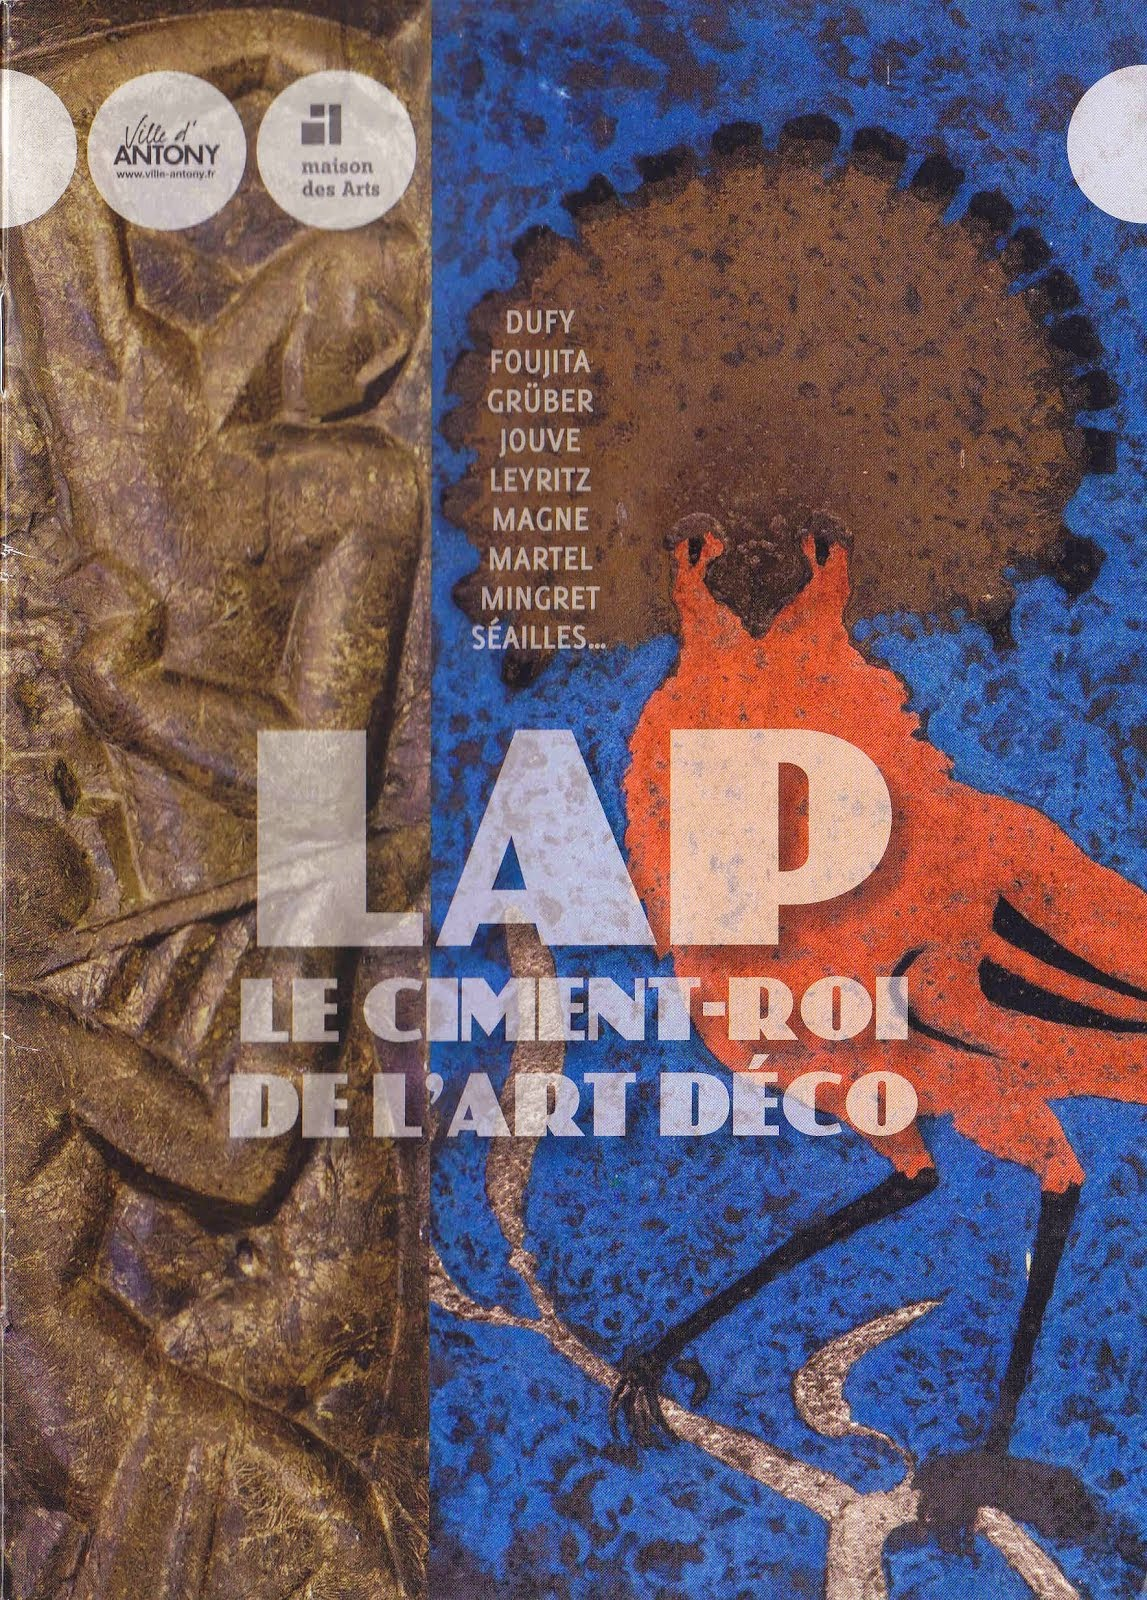 Exposition LAP Le ciment-roi de l'Art Déco